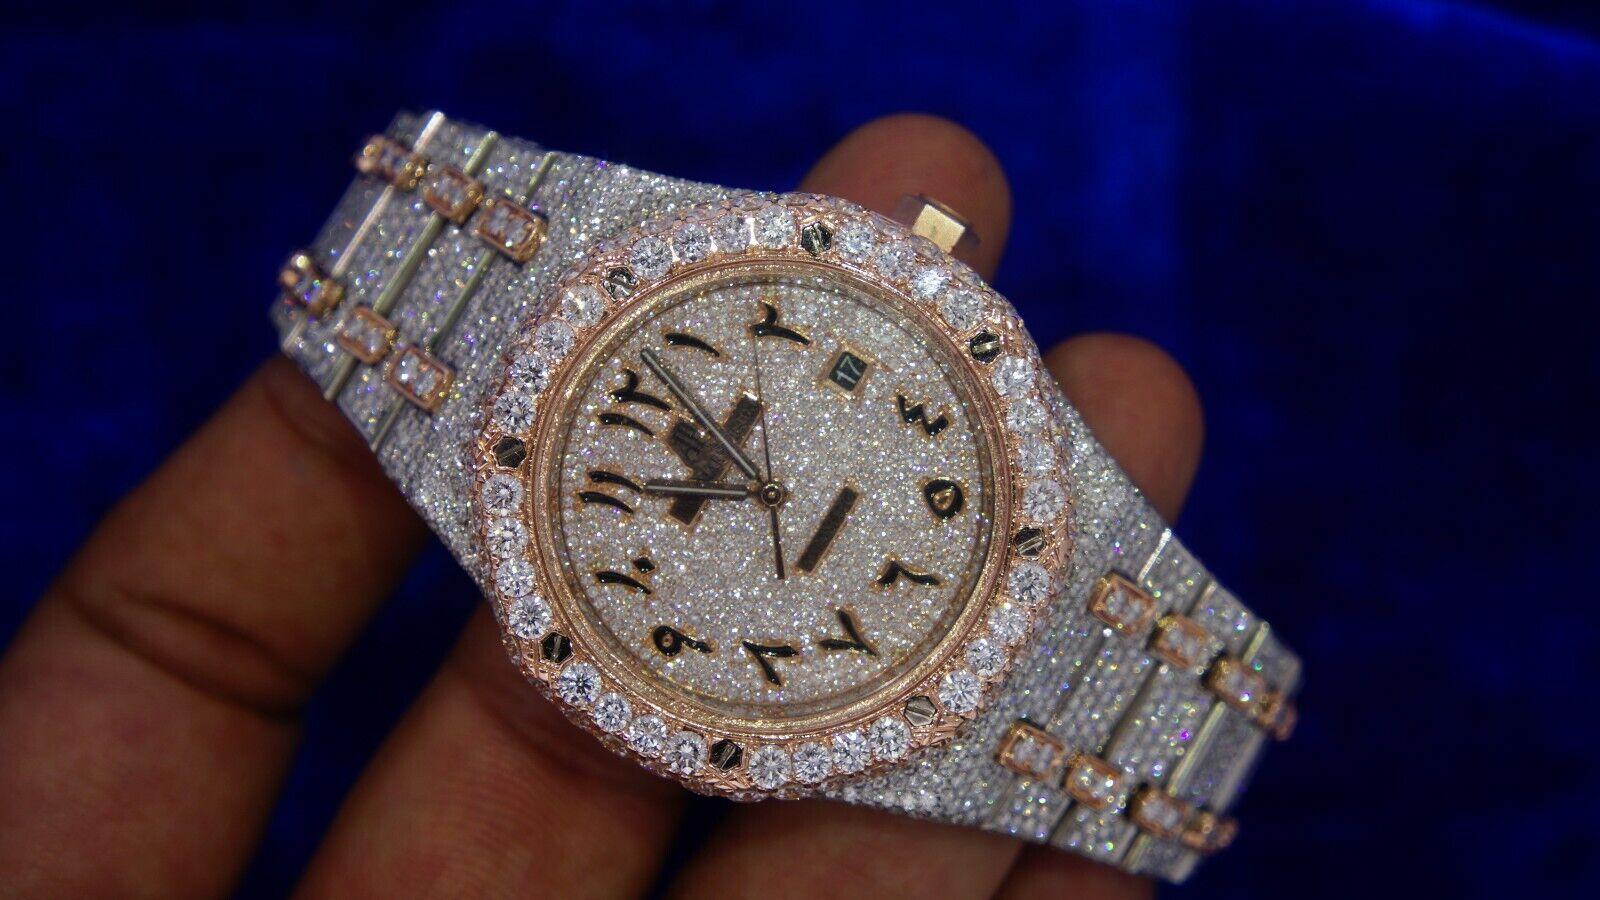 Audemars Piguet Steel Watch Big Diamond Bezel Arabic Diamond Dial Iced Out - watch picture 1